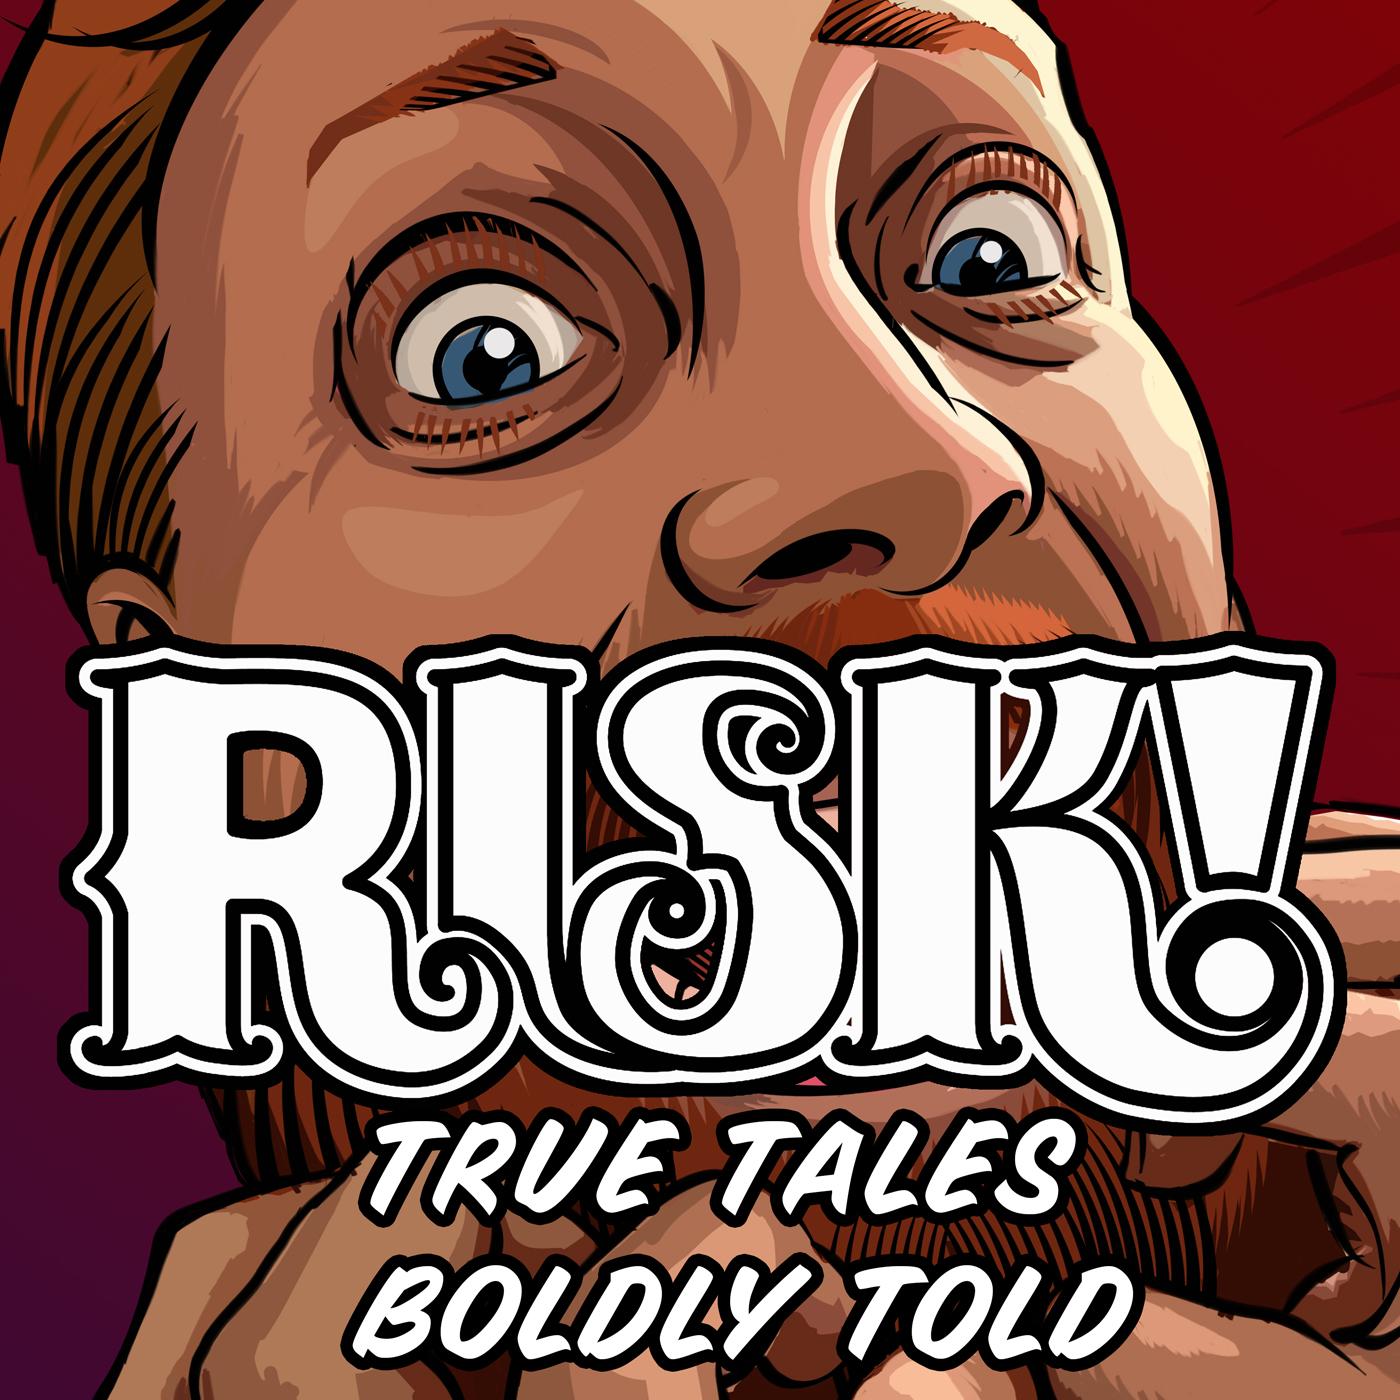 RISK! logo